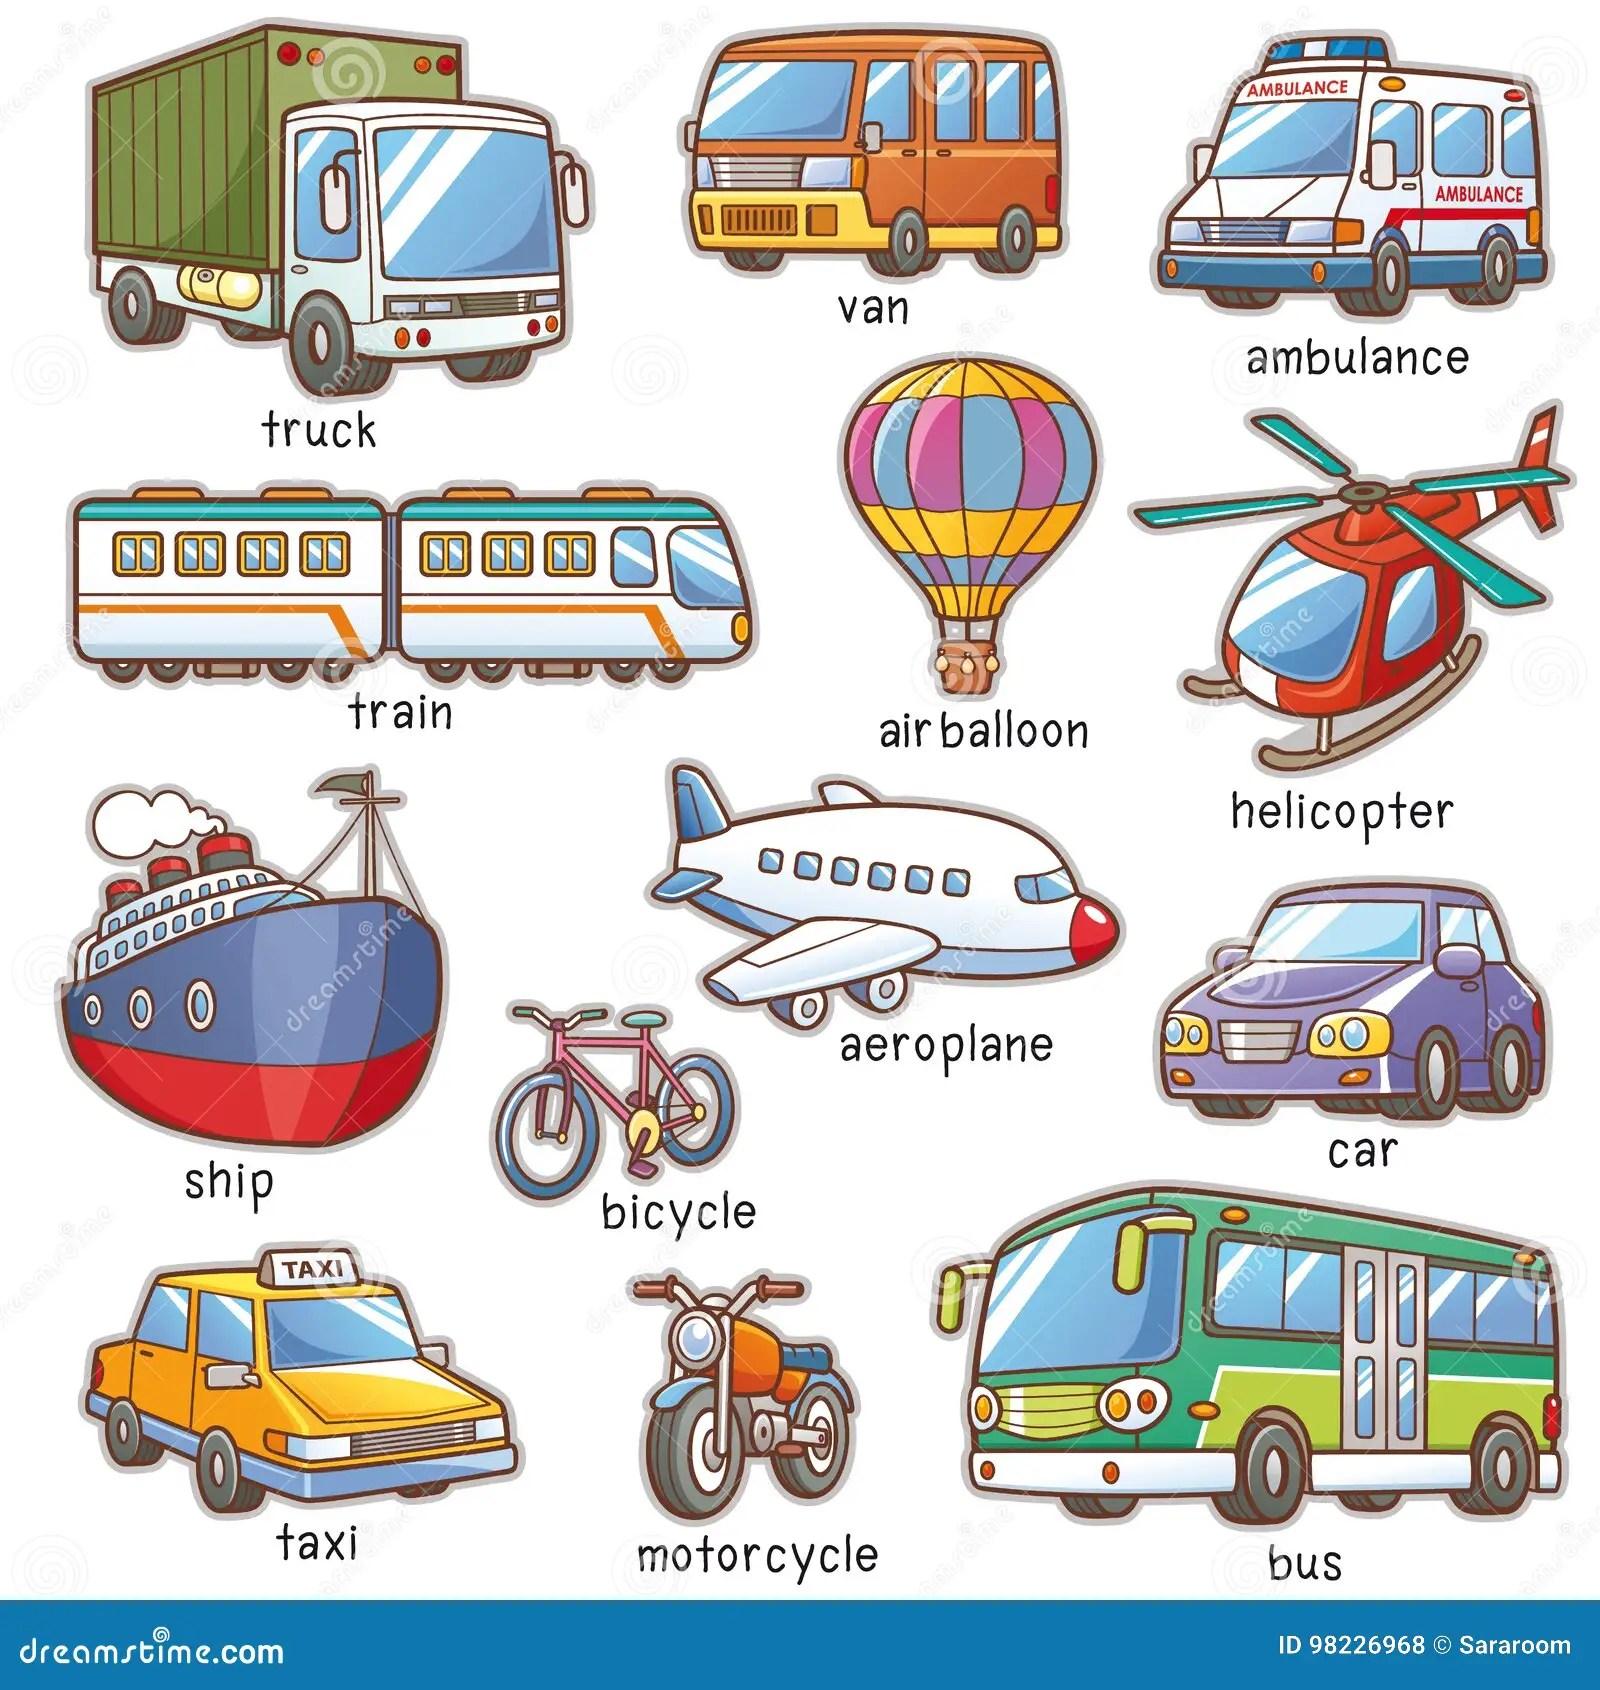 Transportation Cartoons Illustrations Amp Vector Stock